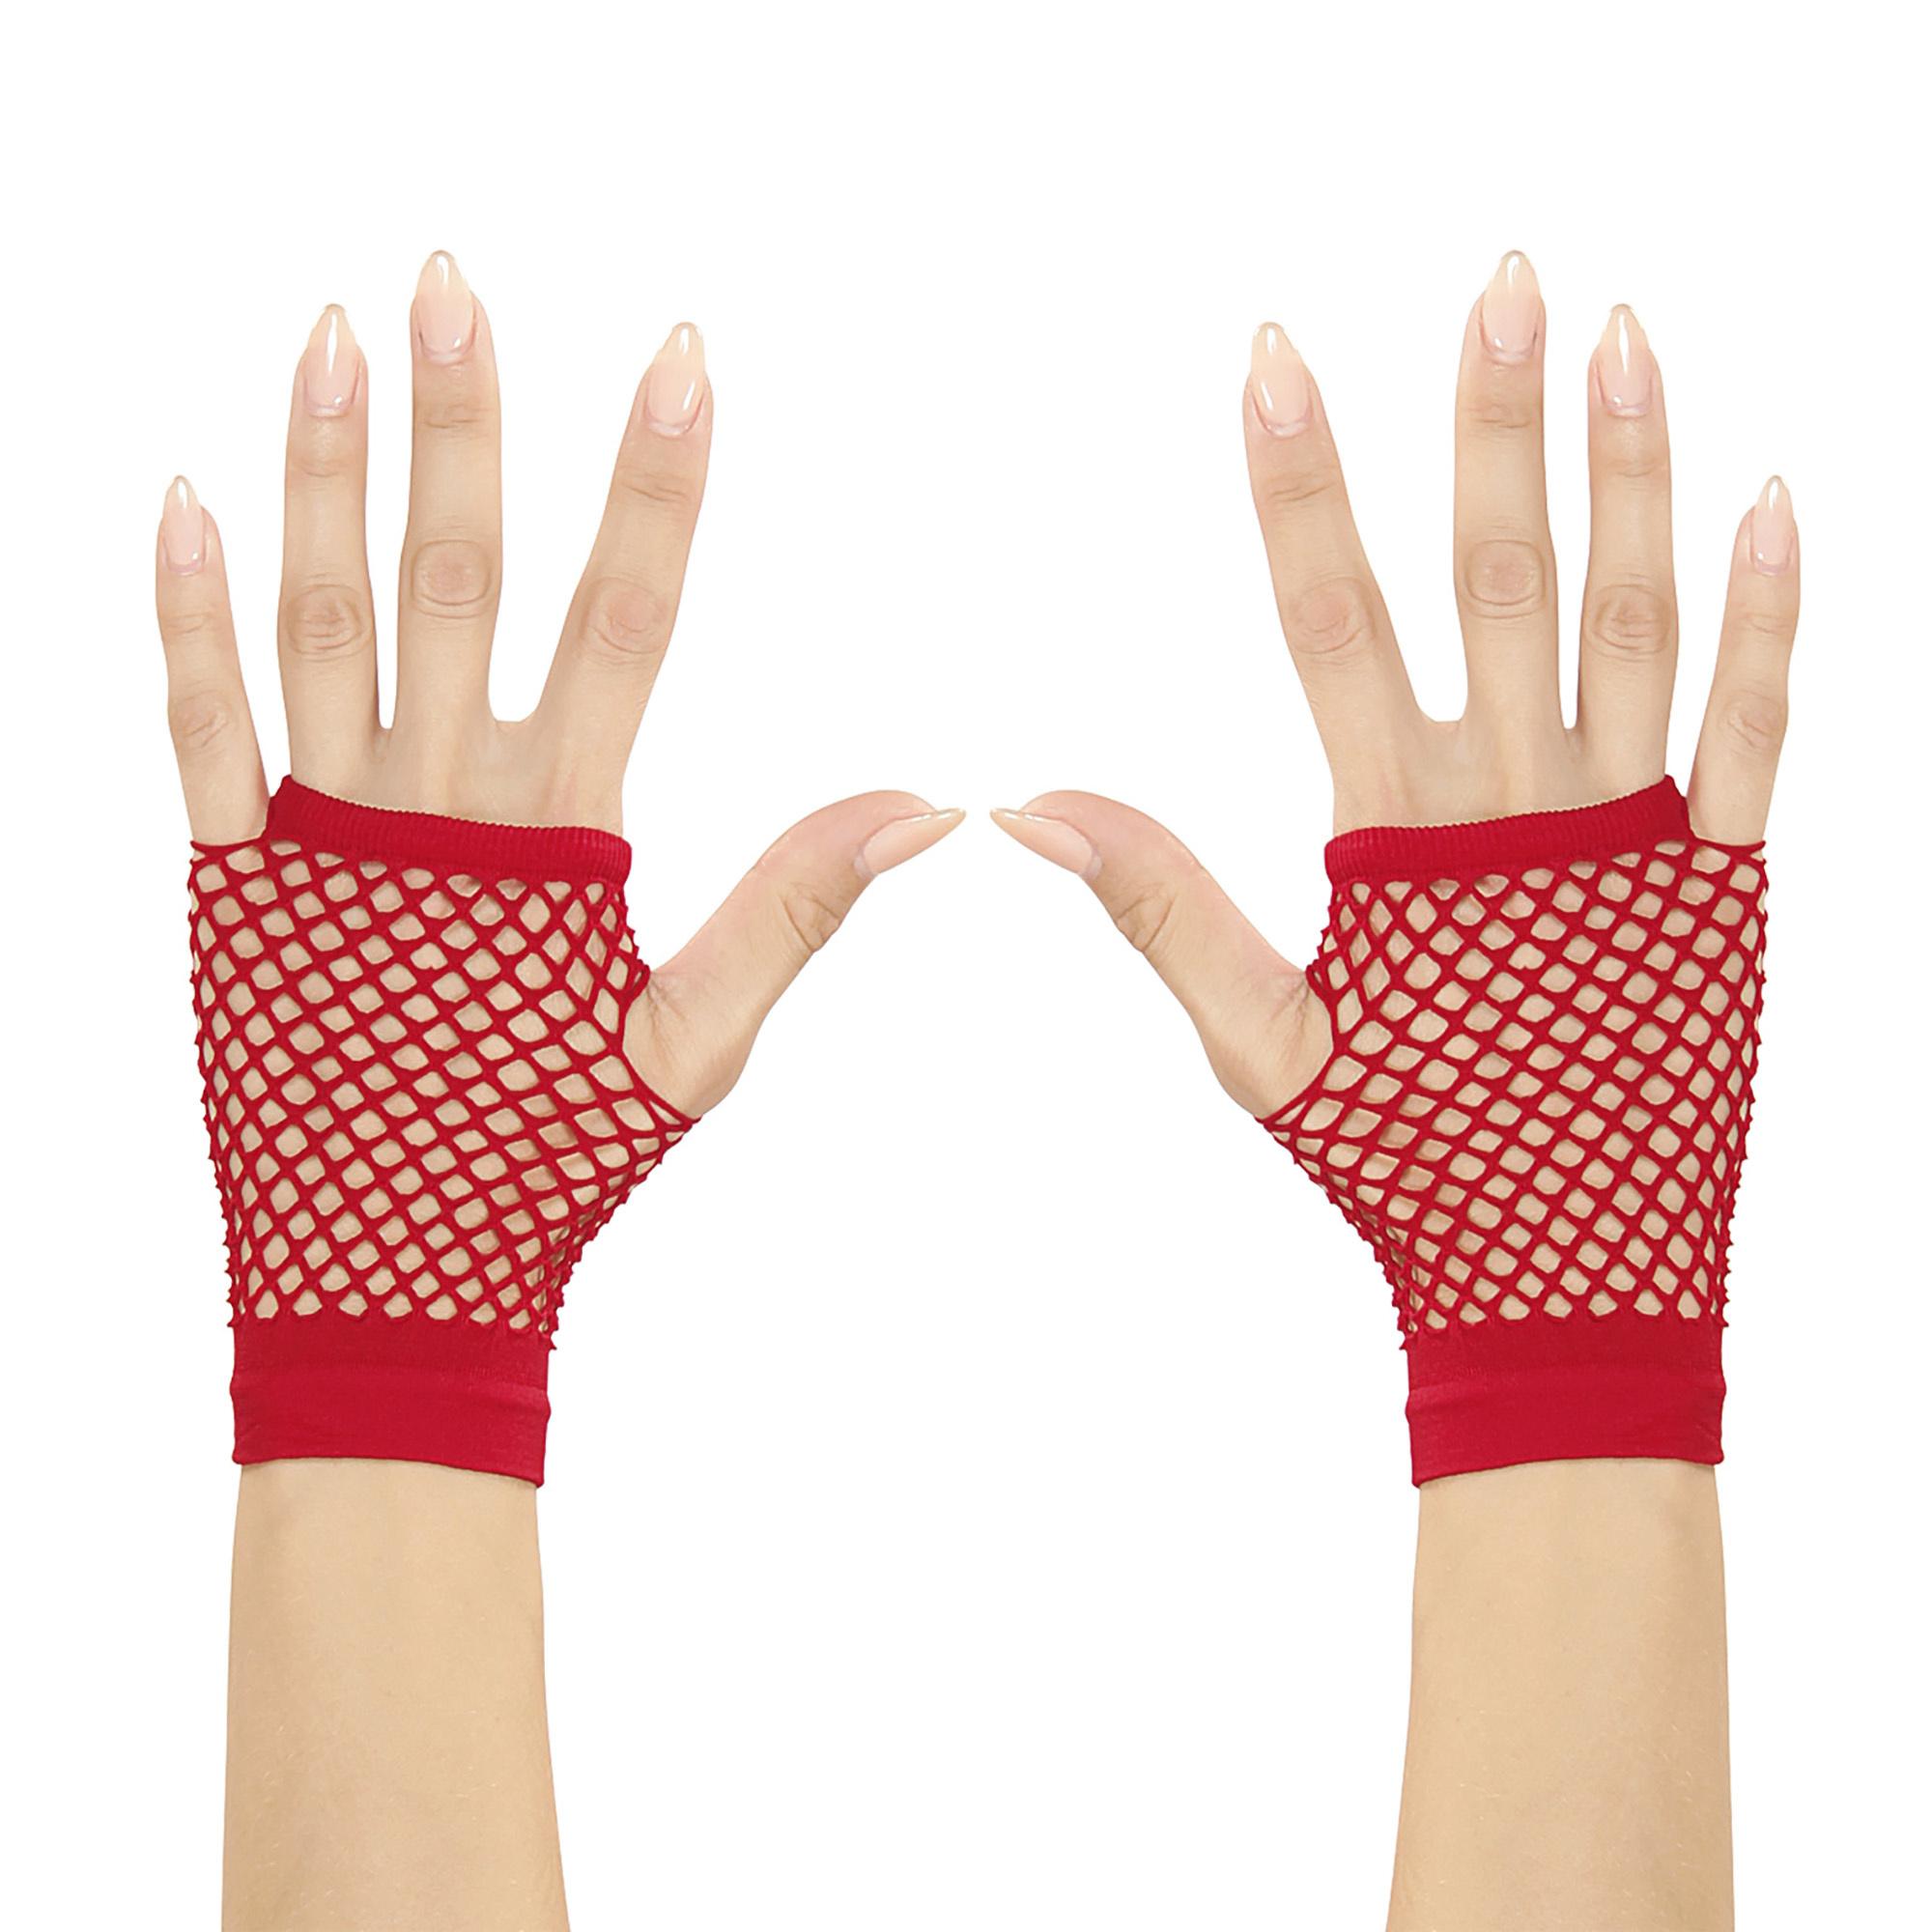 Accessoires voor Halloween rode vingerloze nethandschoenen